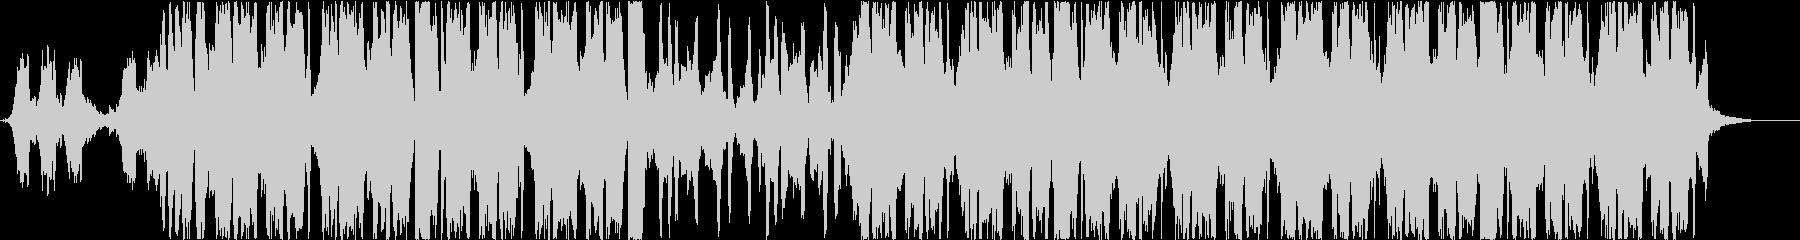 ヒップホップ、チル、背景の未再生の波形